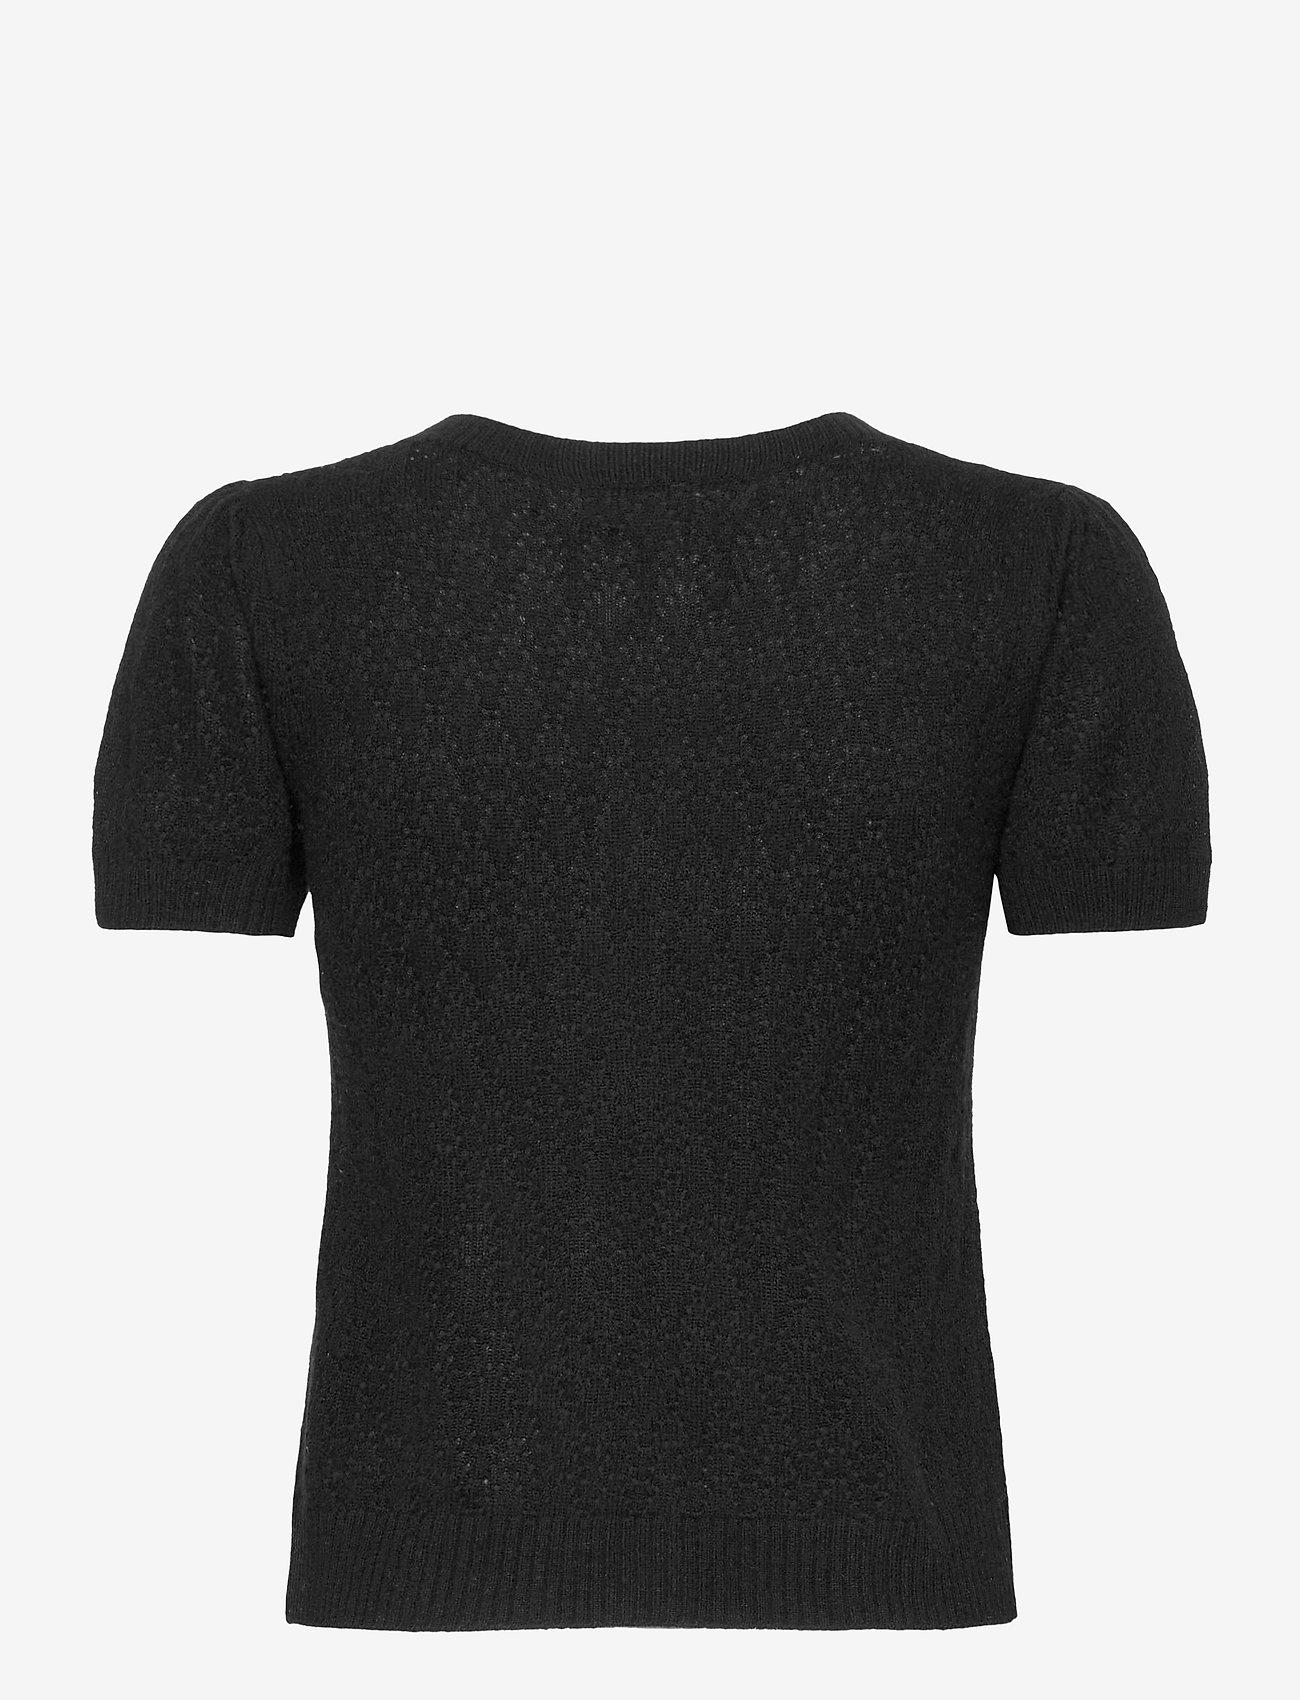 Rosemunde - Wool & cashmere cardigan ss - strikkede toppe - black - 1